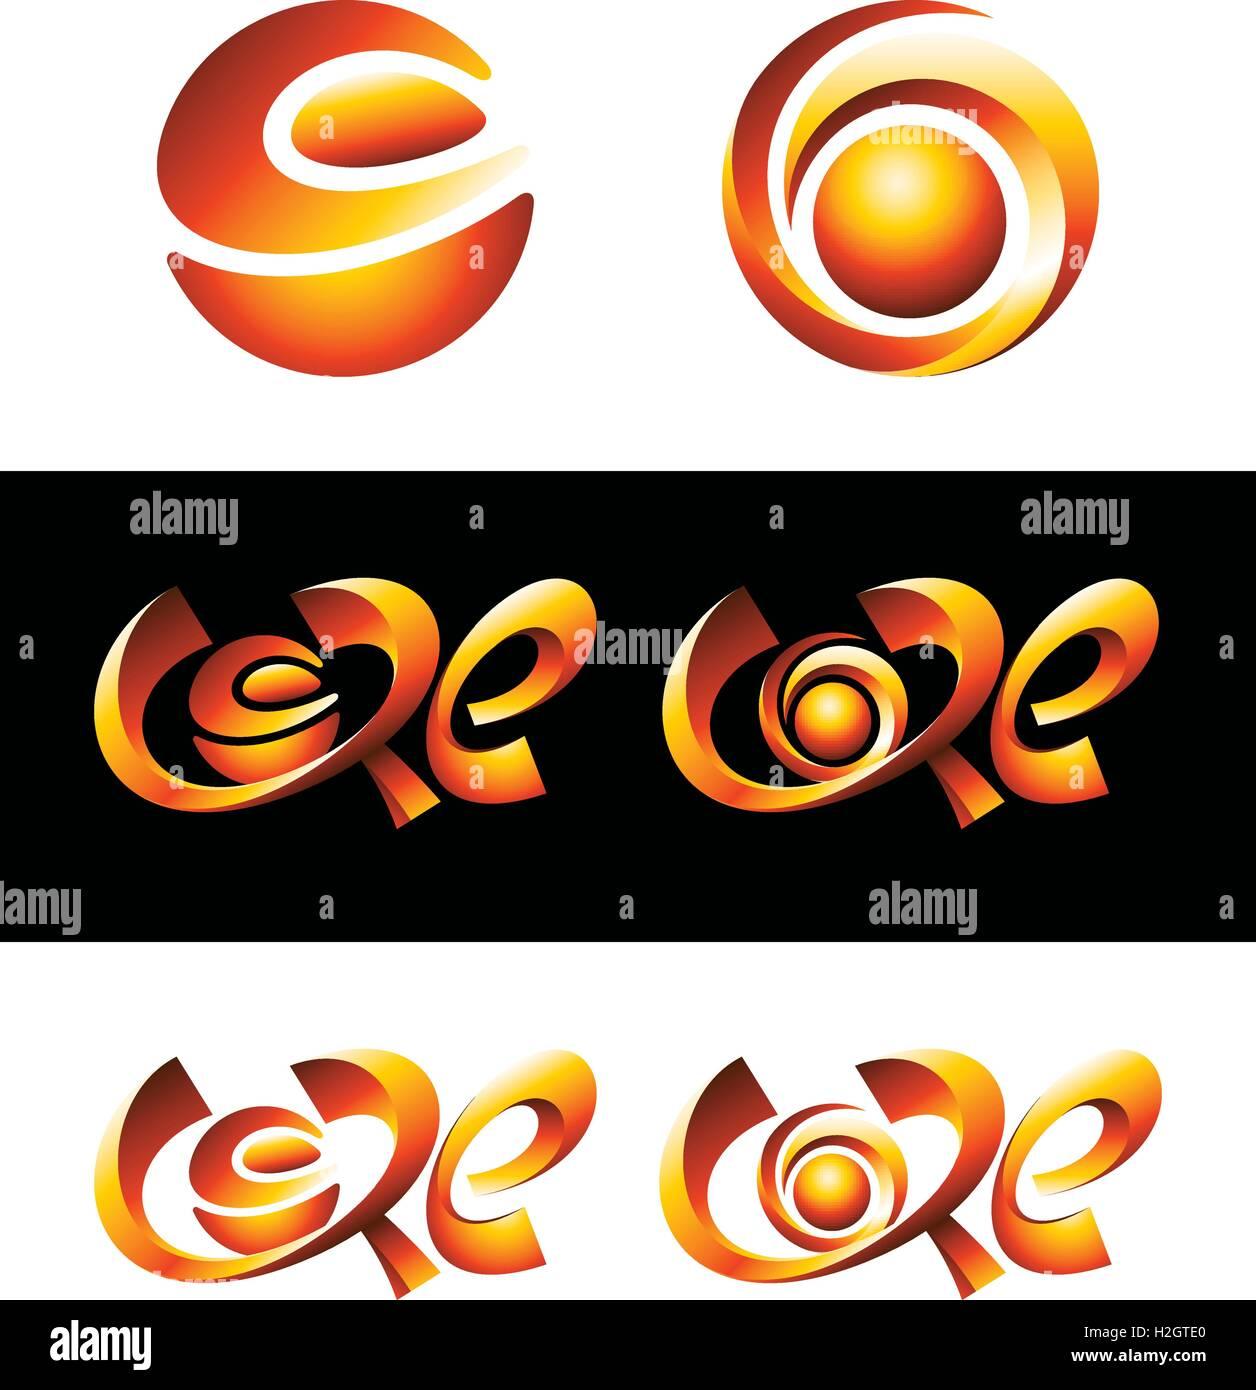 Vector logo design. 3d hot core logos symbols shining. - Stock Vector